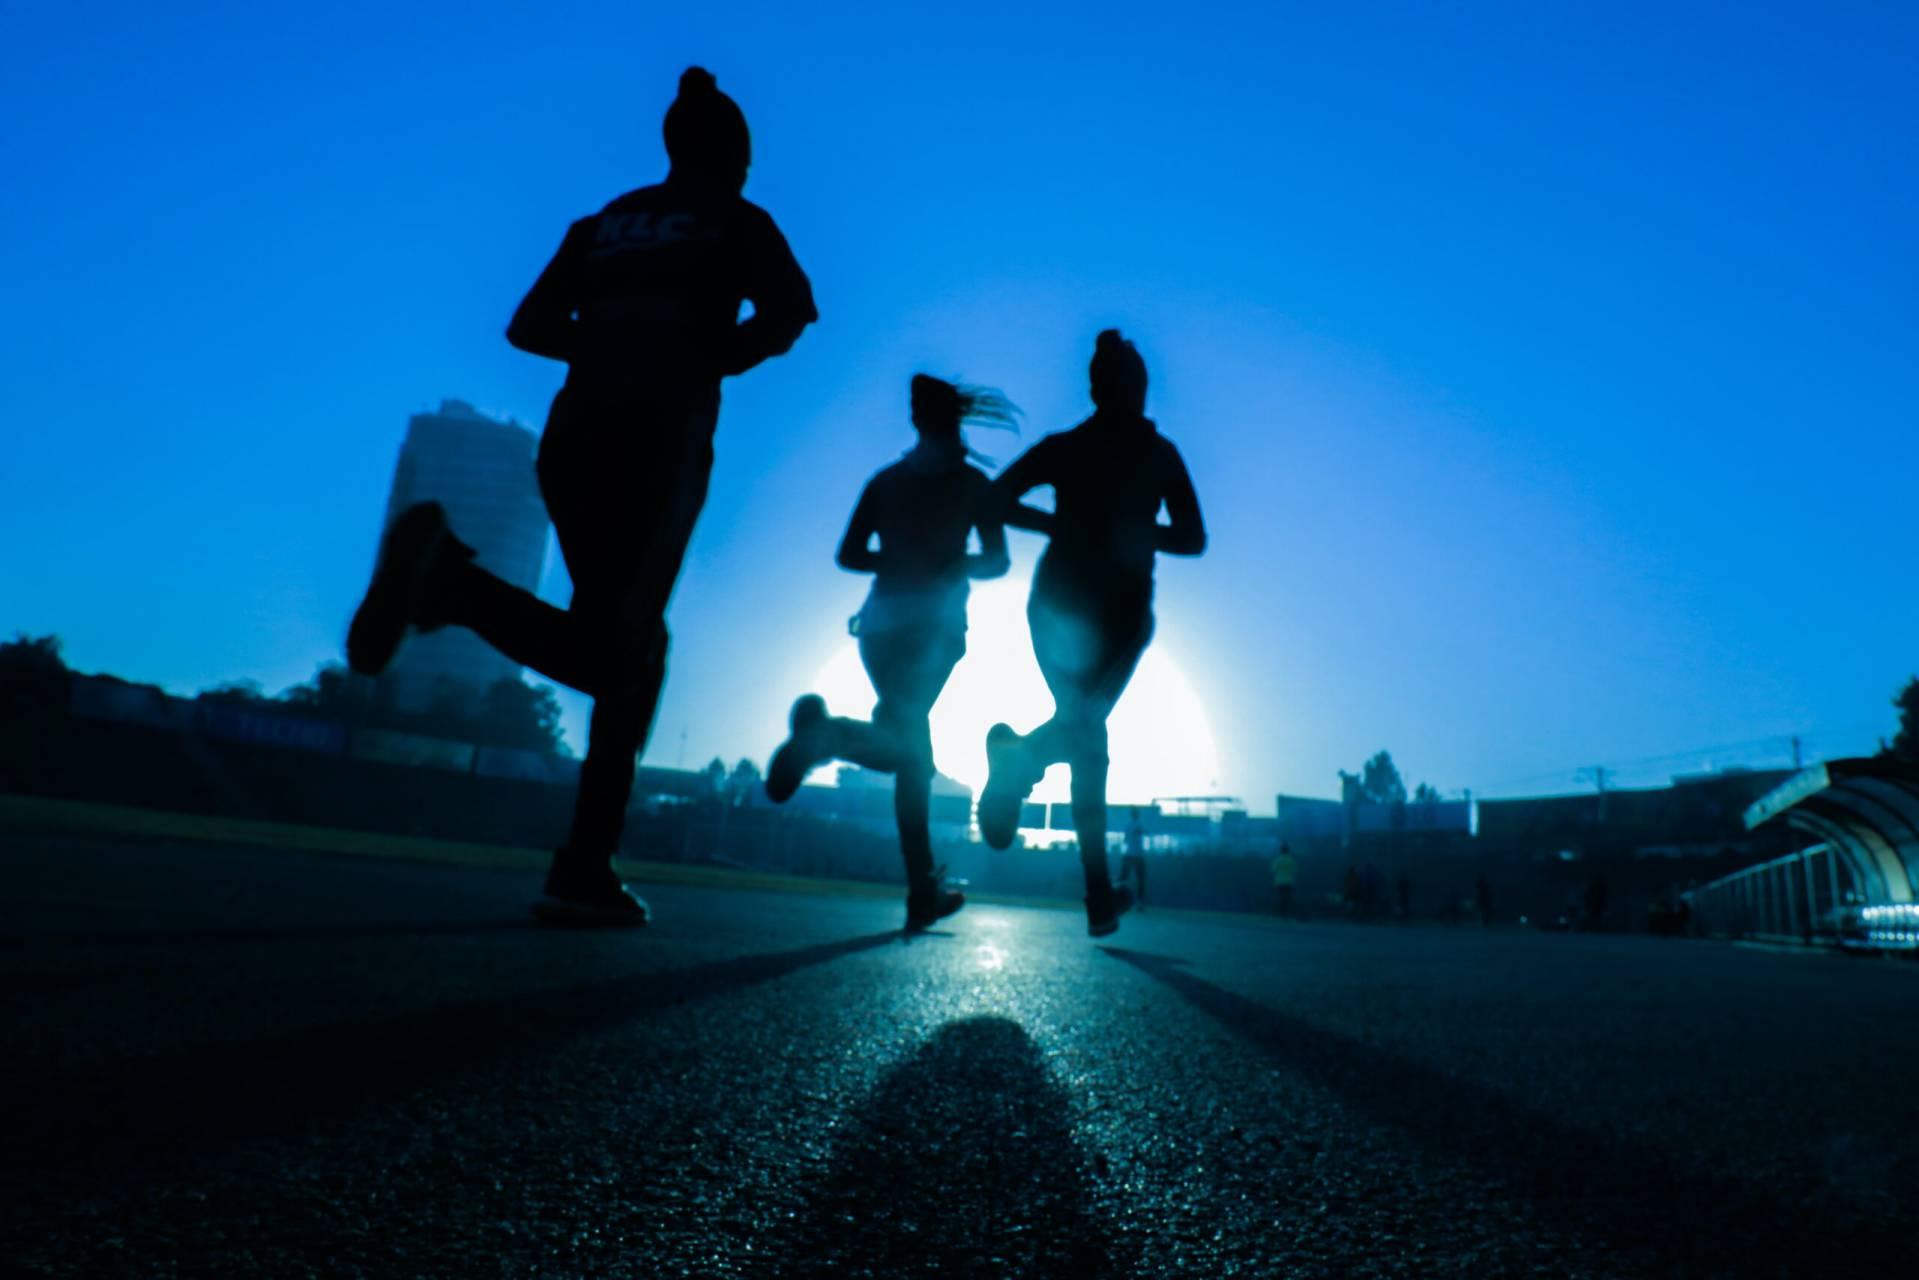 Löpare som springer på upplyst väg